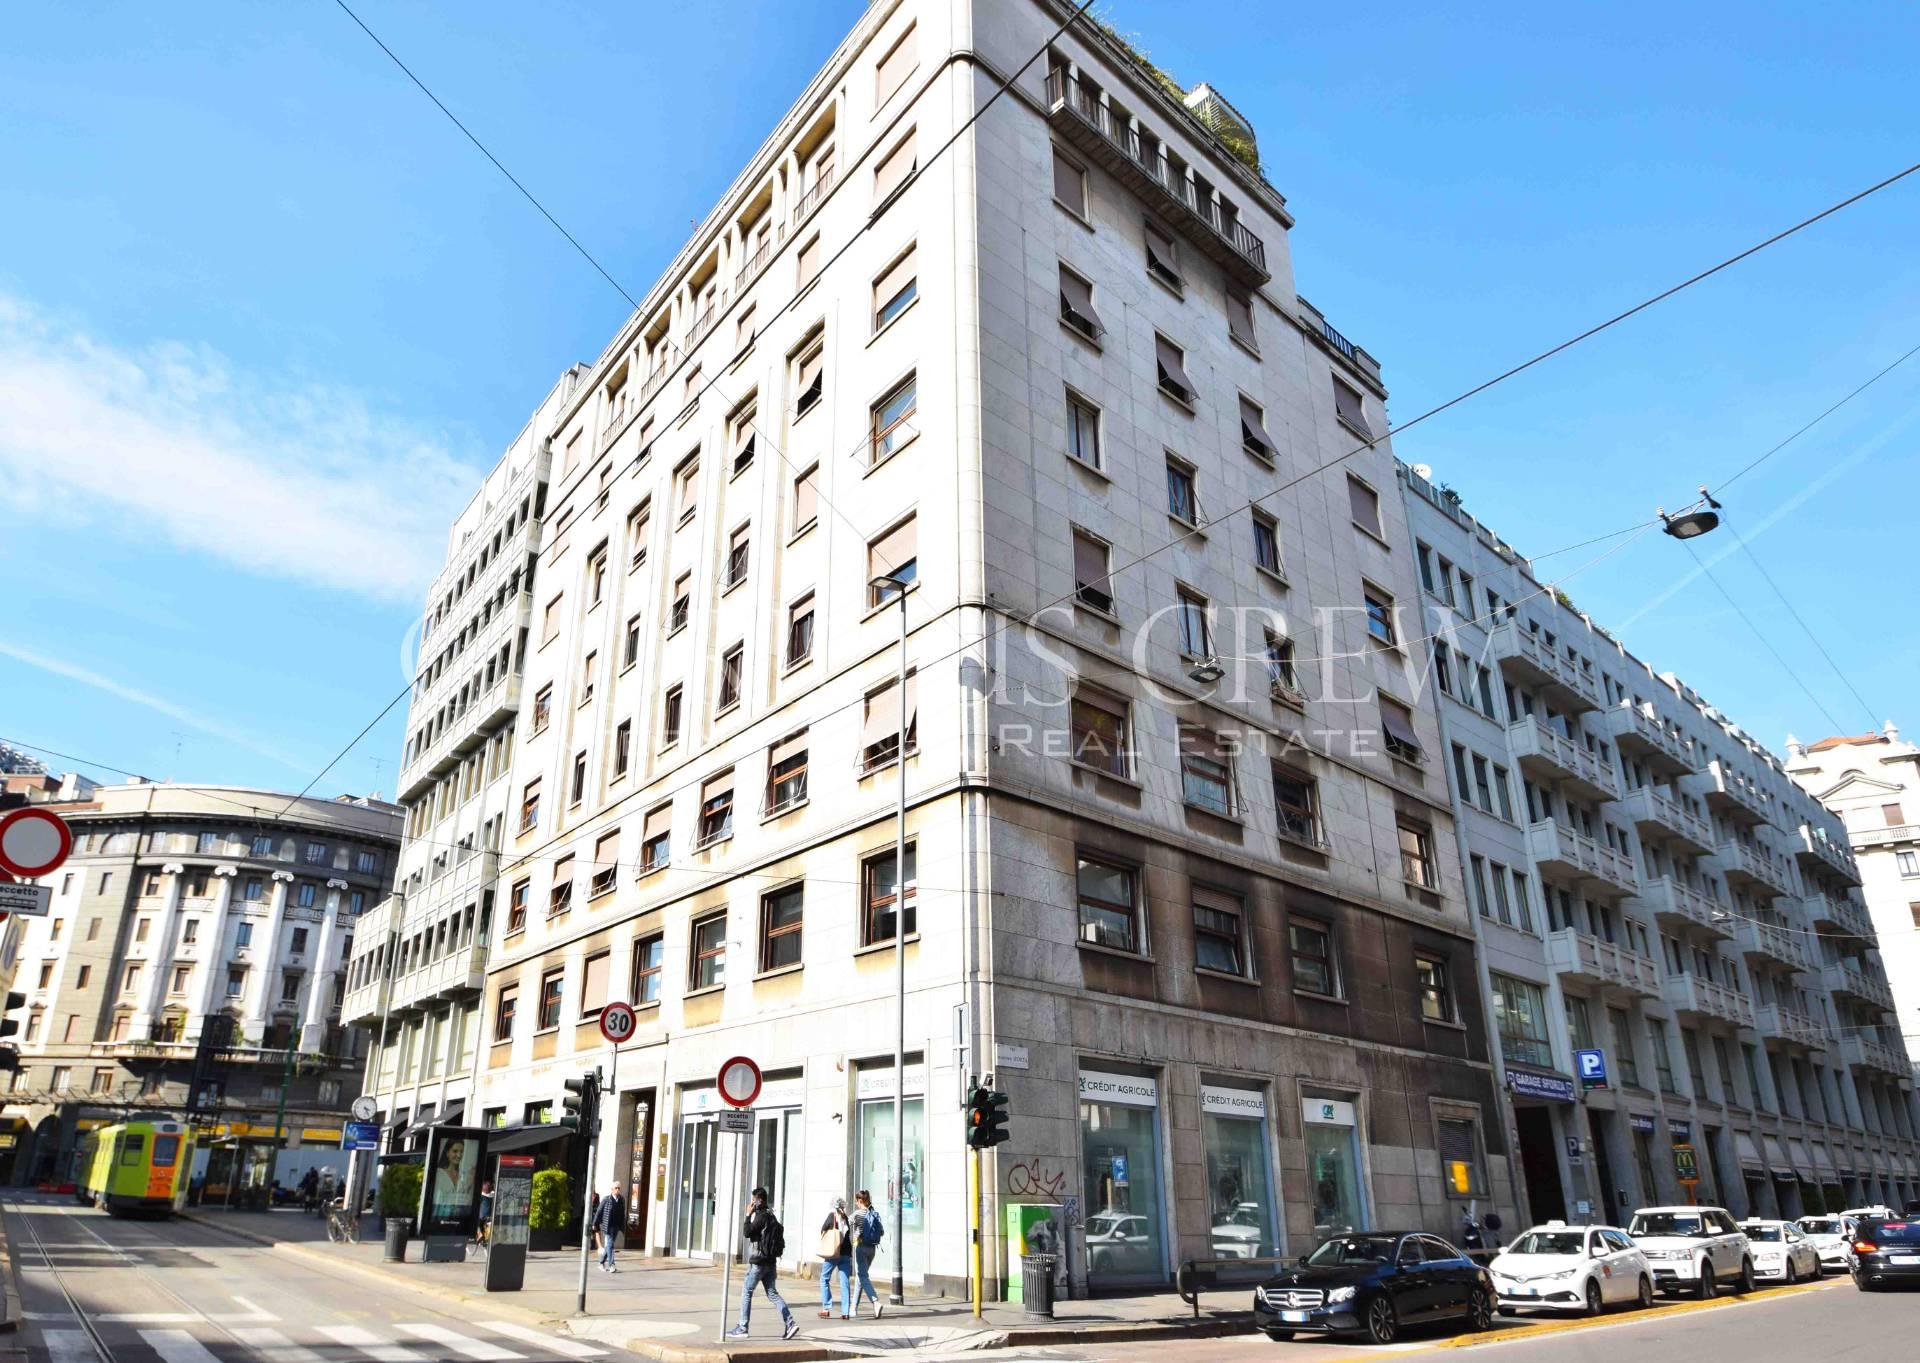 Ufficio-studio in Affitto a Milano 01 Centro storico (Cerchia dei Navigli): 5 locali, 186 mq